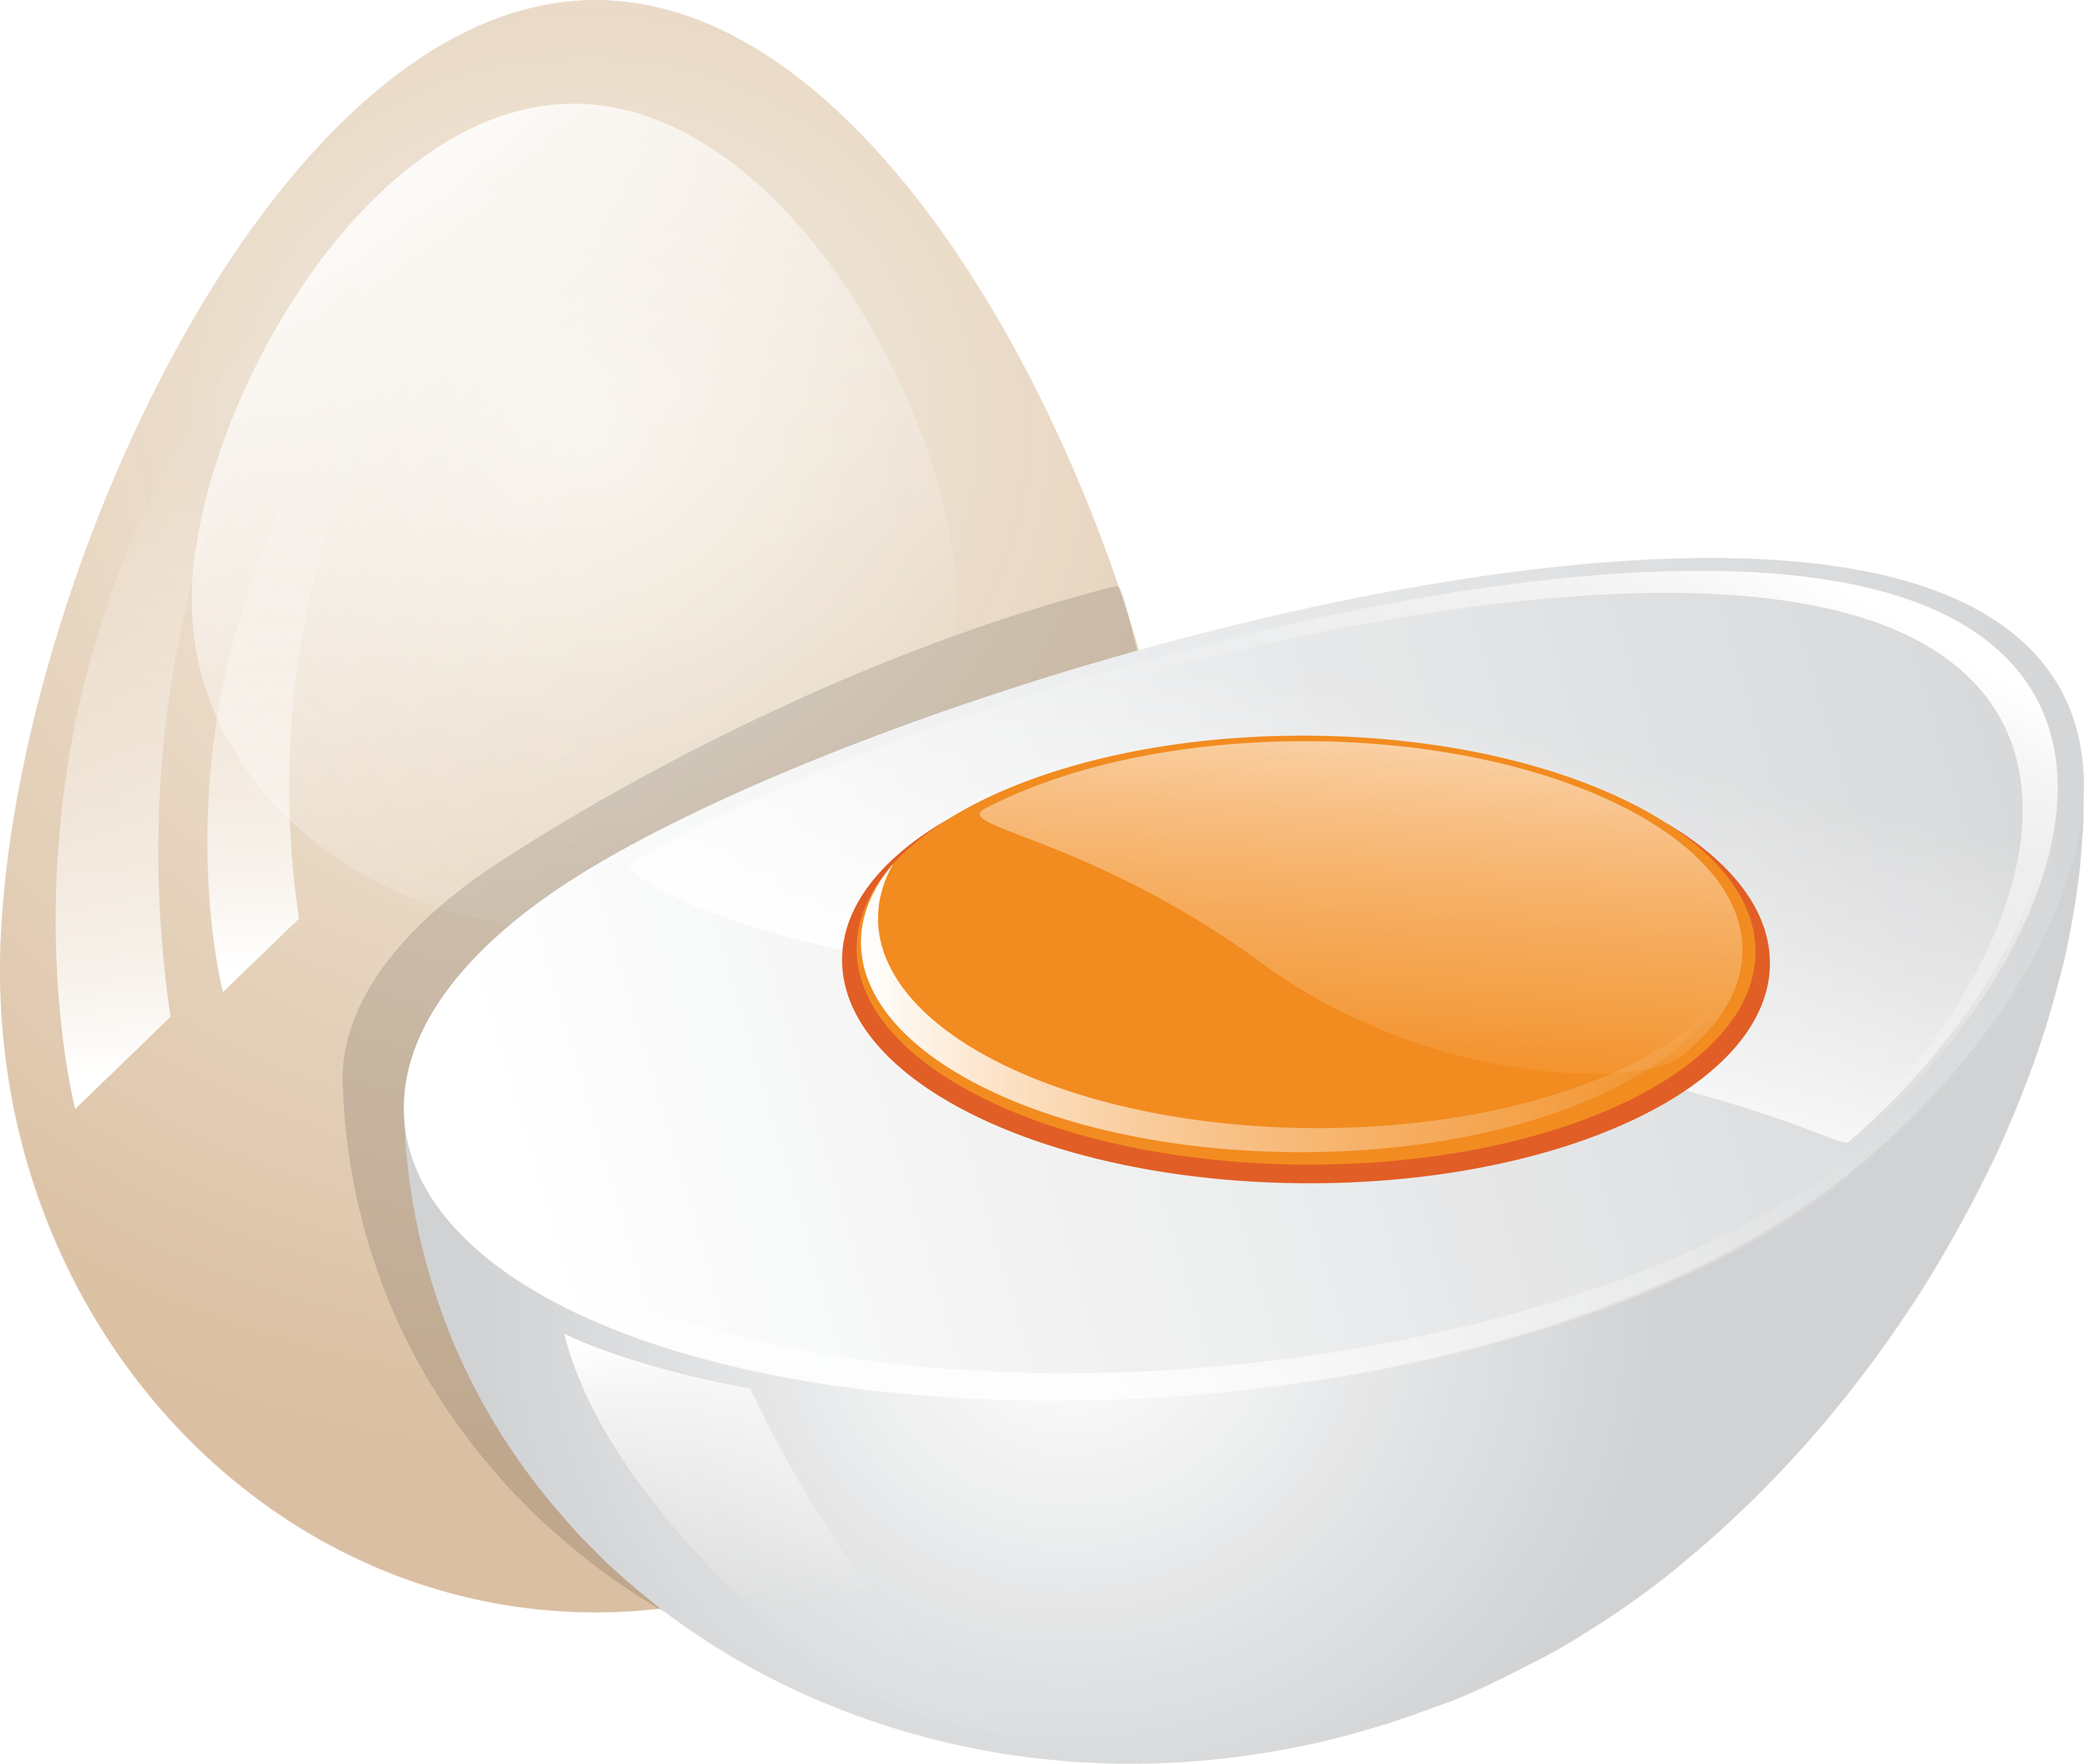 Egg PNG image - Fried Egg PNG HD